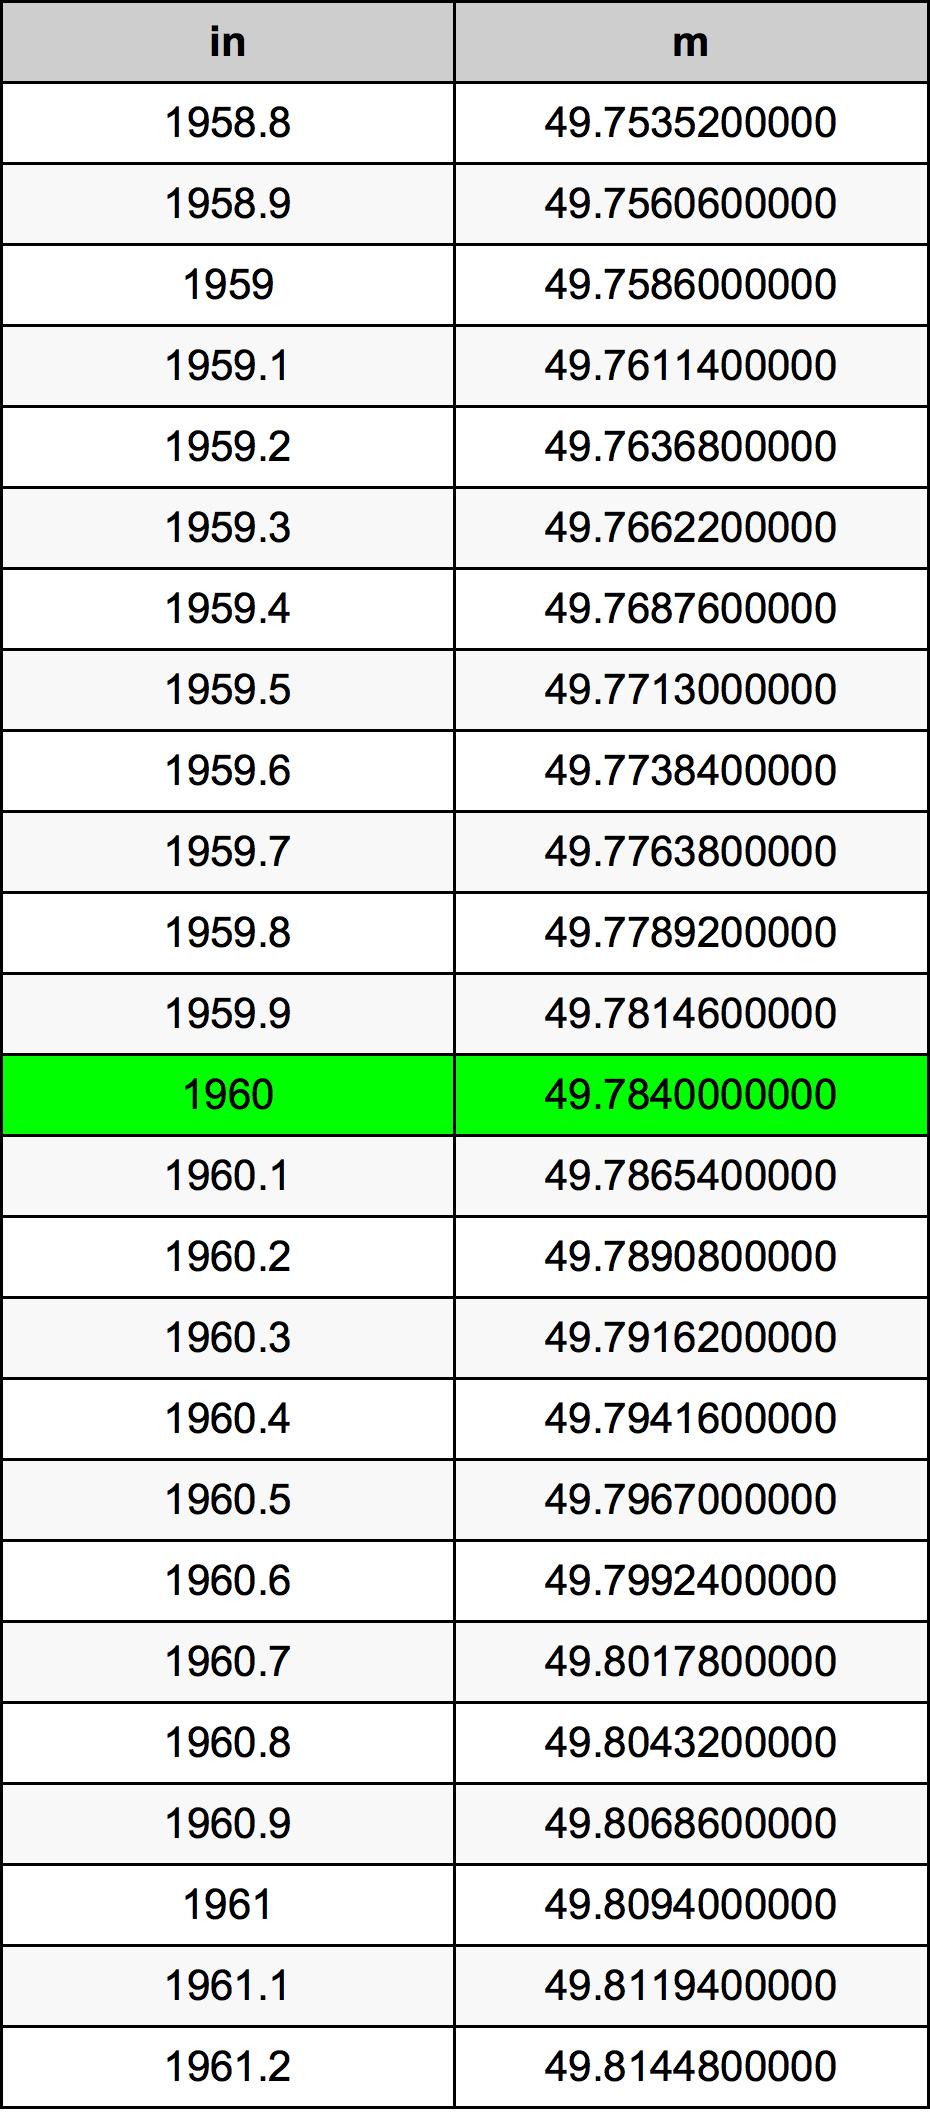 1960 Țol tabelul de conversie